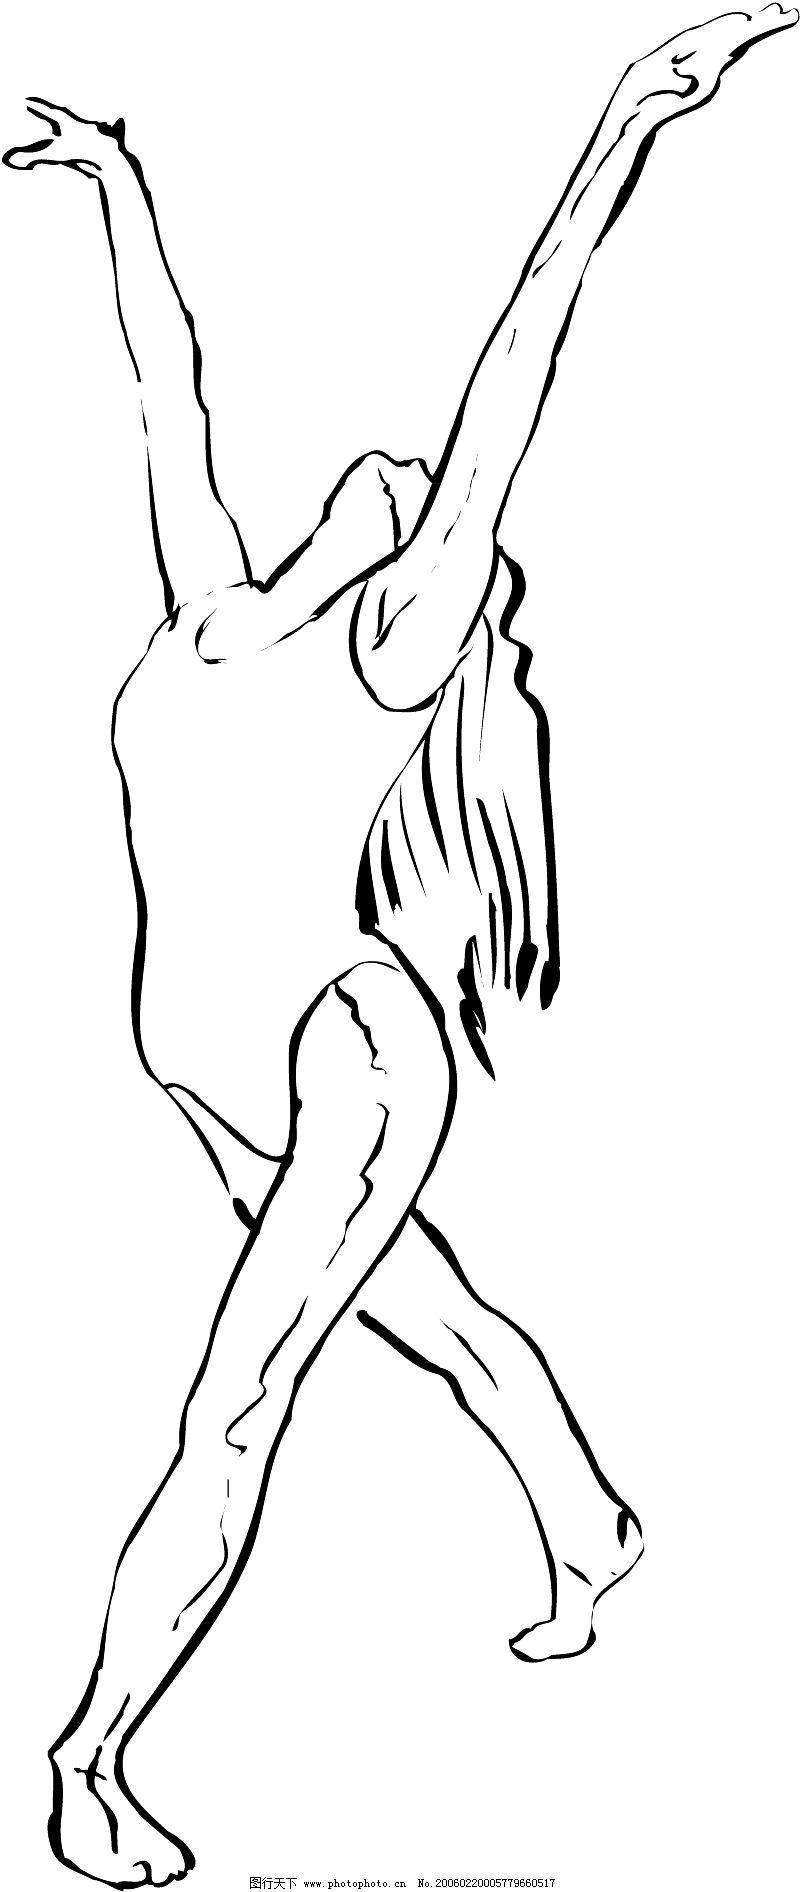 舞蹈简易手绘图片